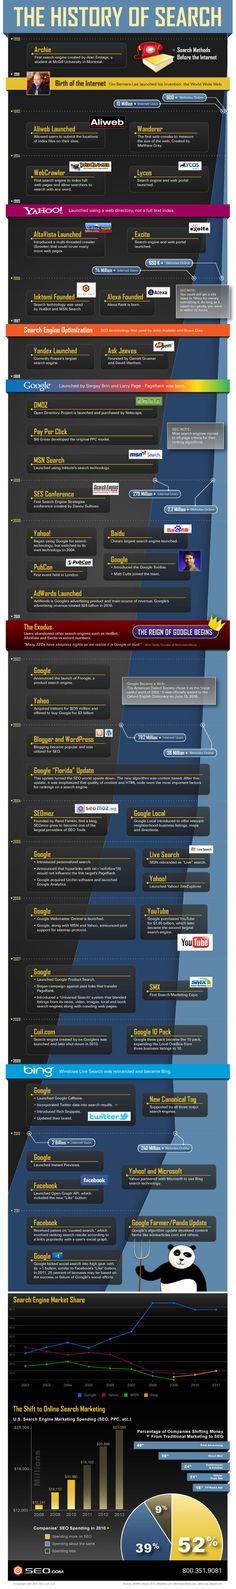 infografik_die-geschichte-der-internetsuche